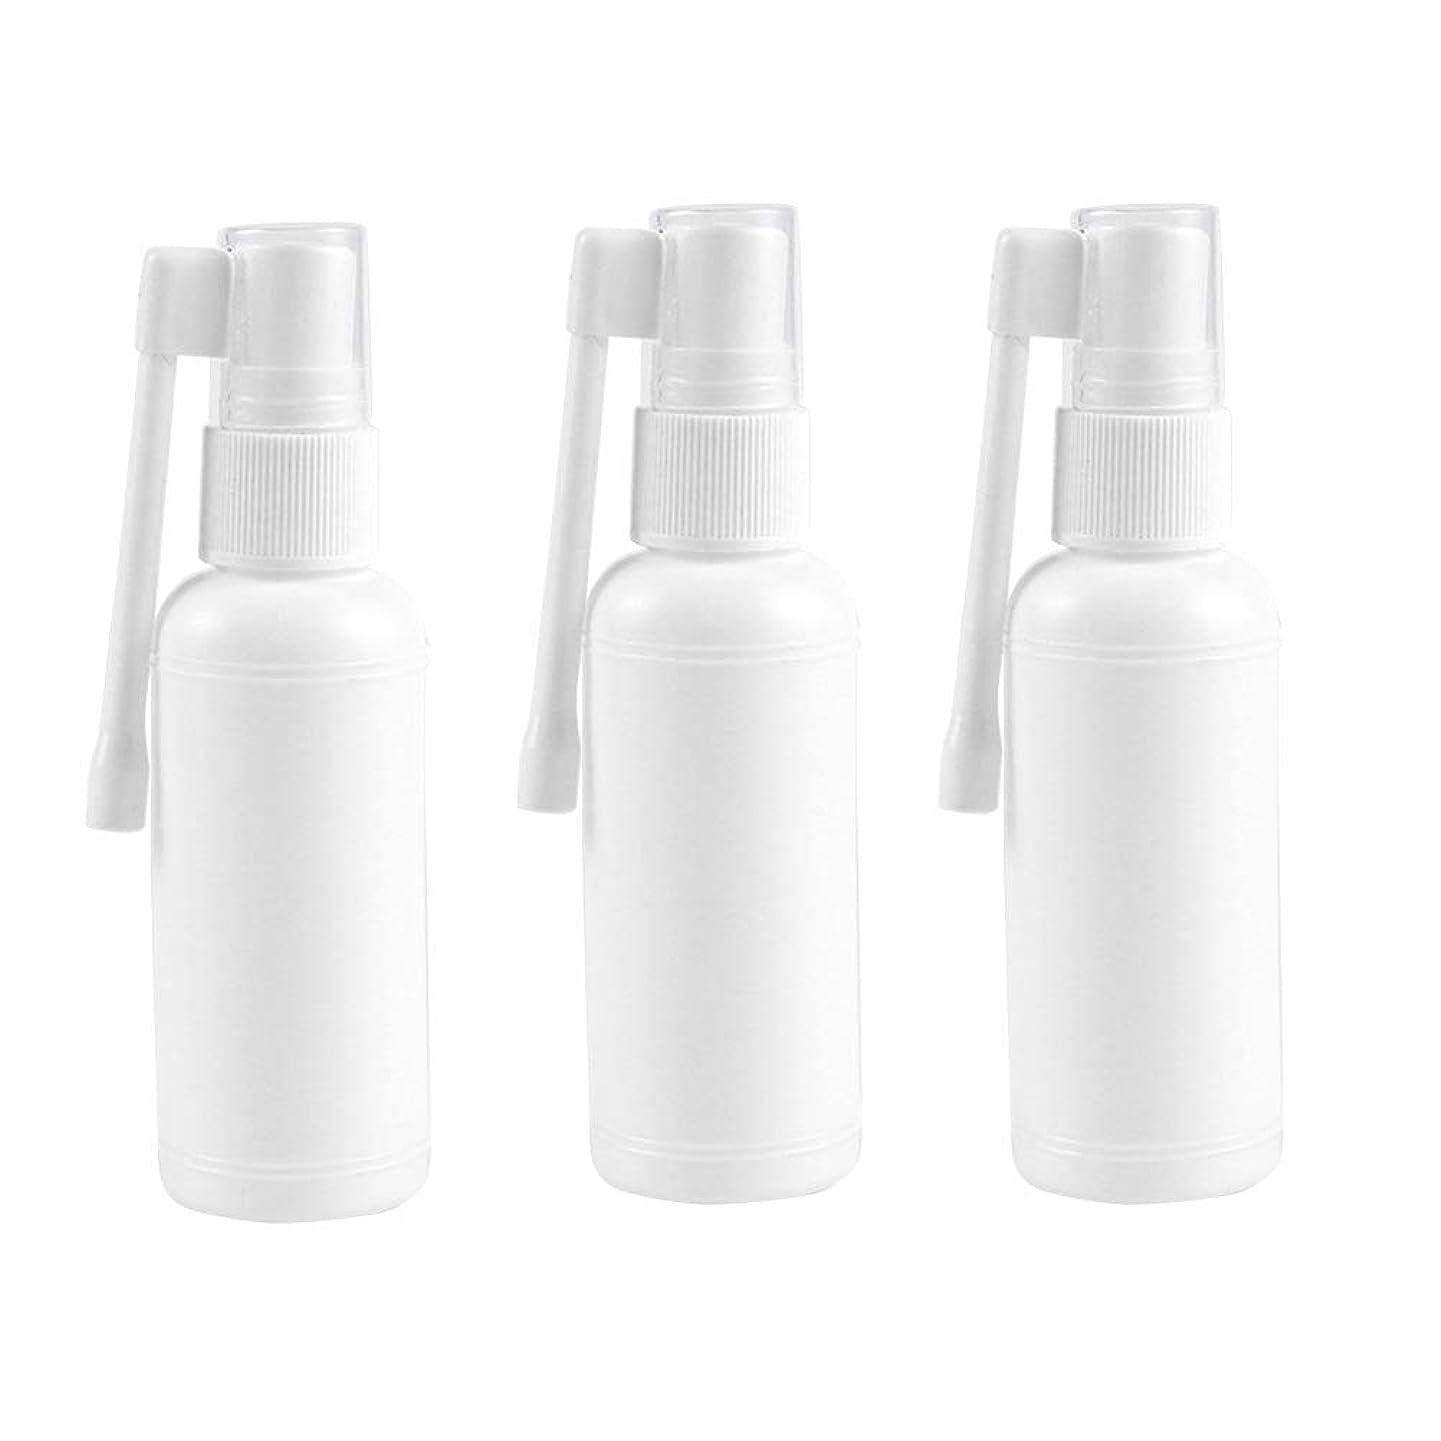 ワックス上昇残基Healifty 20mlポータブル鼻腔用スプレーボトル鼻炎詰め替え式細かい霧空のスプレーボトル10個(ホワイト)